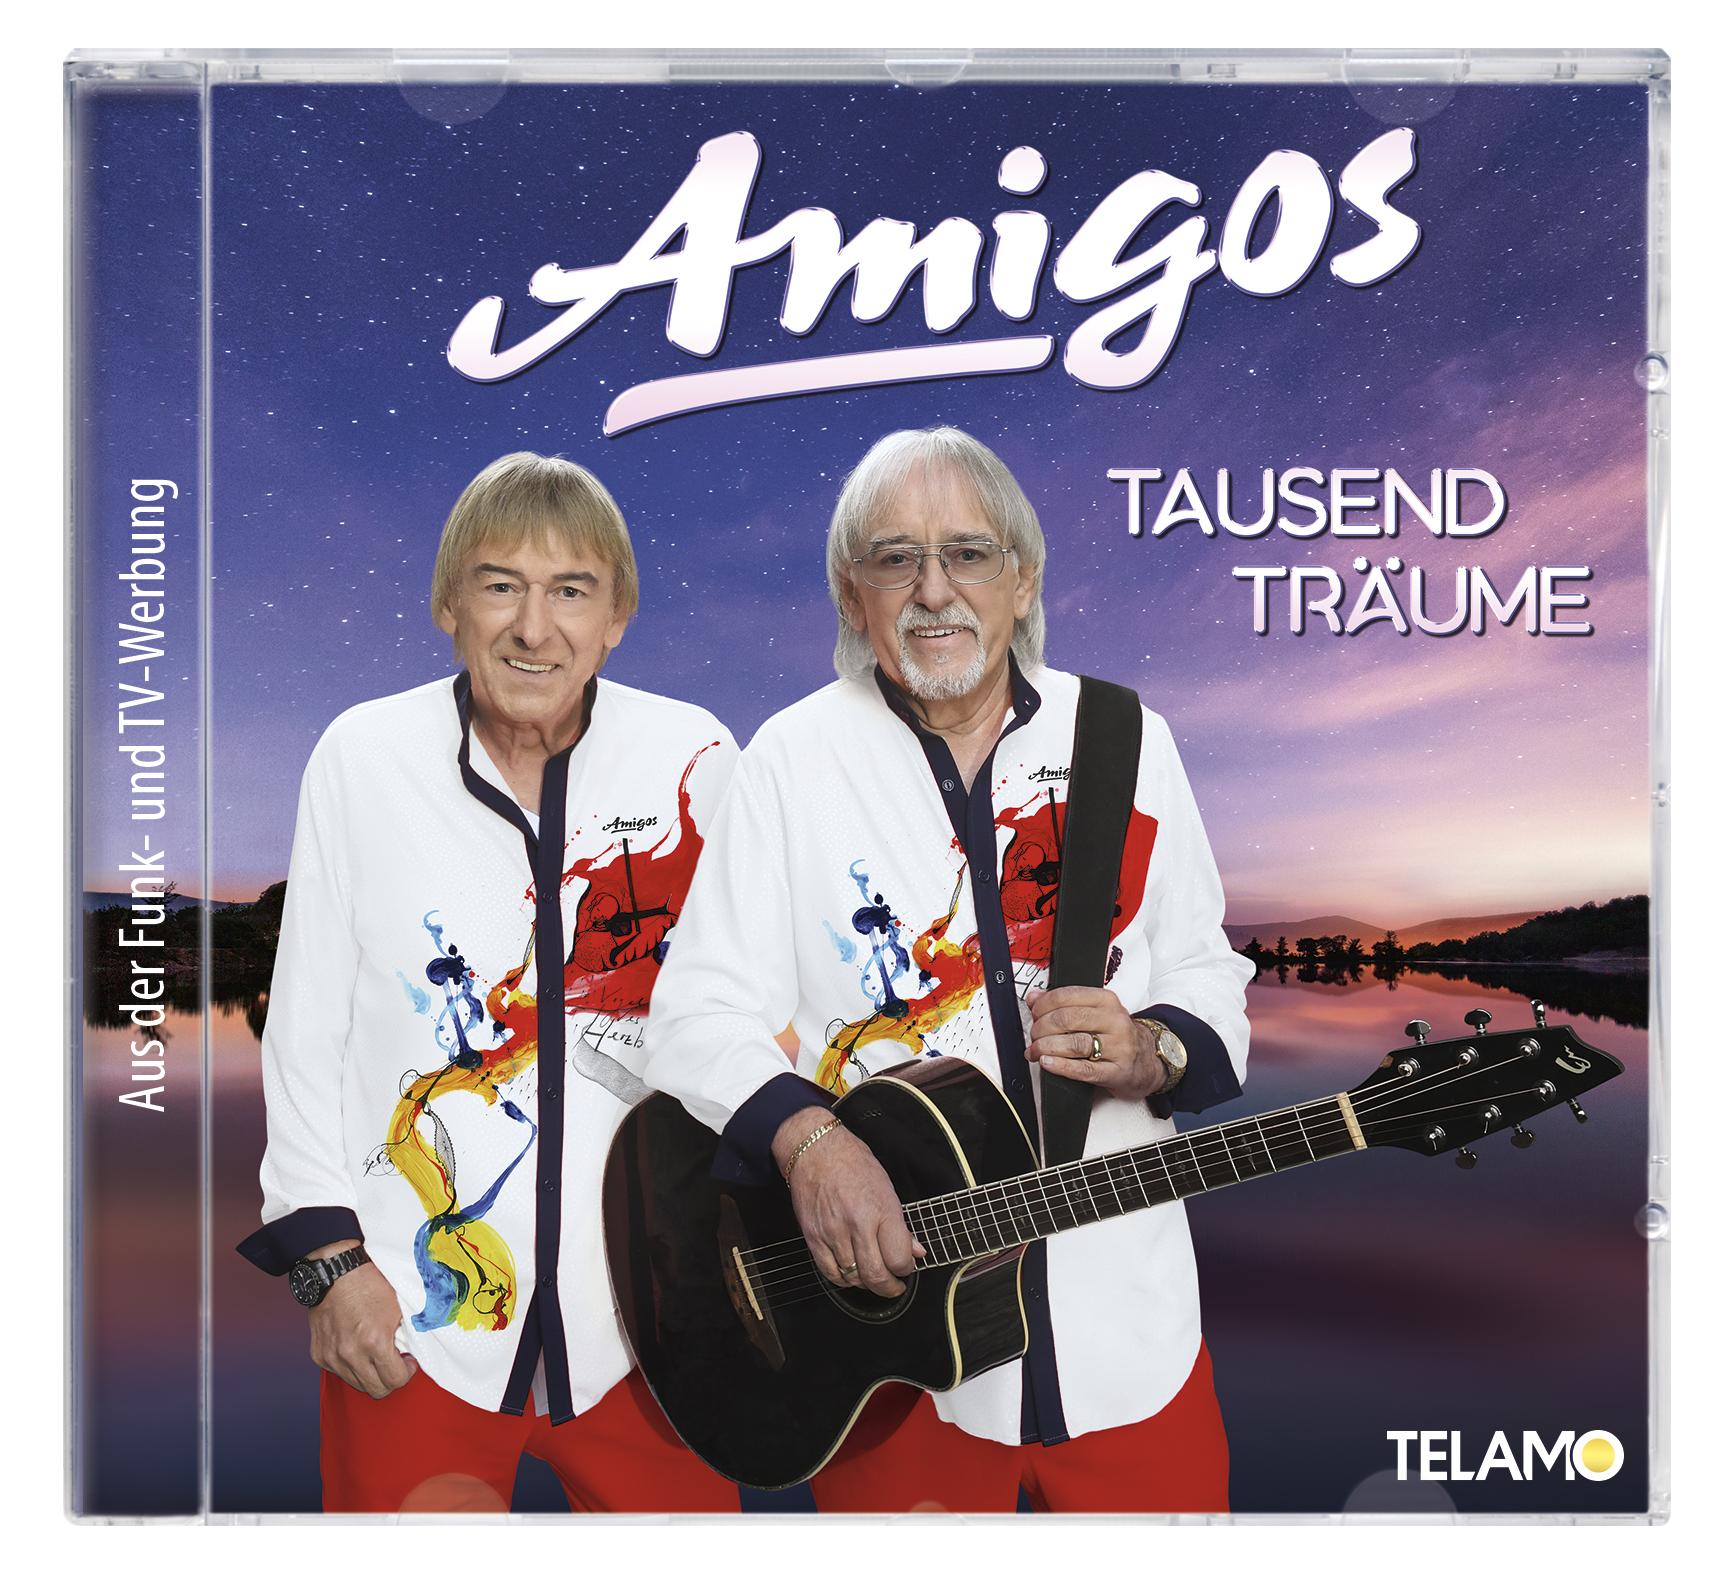 AMIGOS * Tausend Träume (CD; DVD; limitierte Fan Box) * Das mutmaßliche ZWÖLFTE Nr. 1 Album der AMIGOS in den OFFIZIELLEN DEUTSCHEN CHARTS